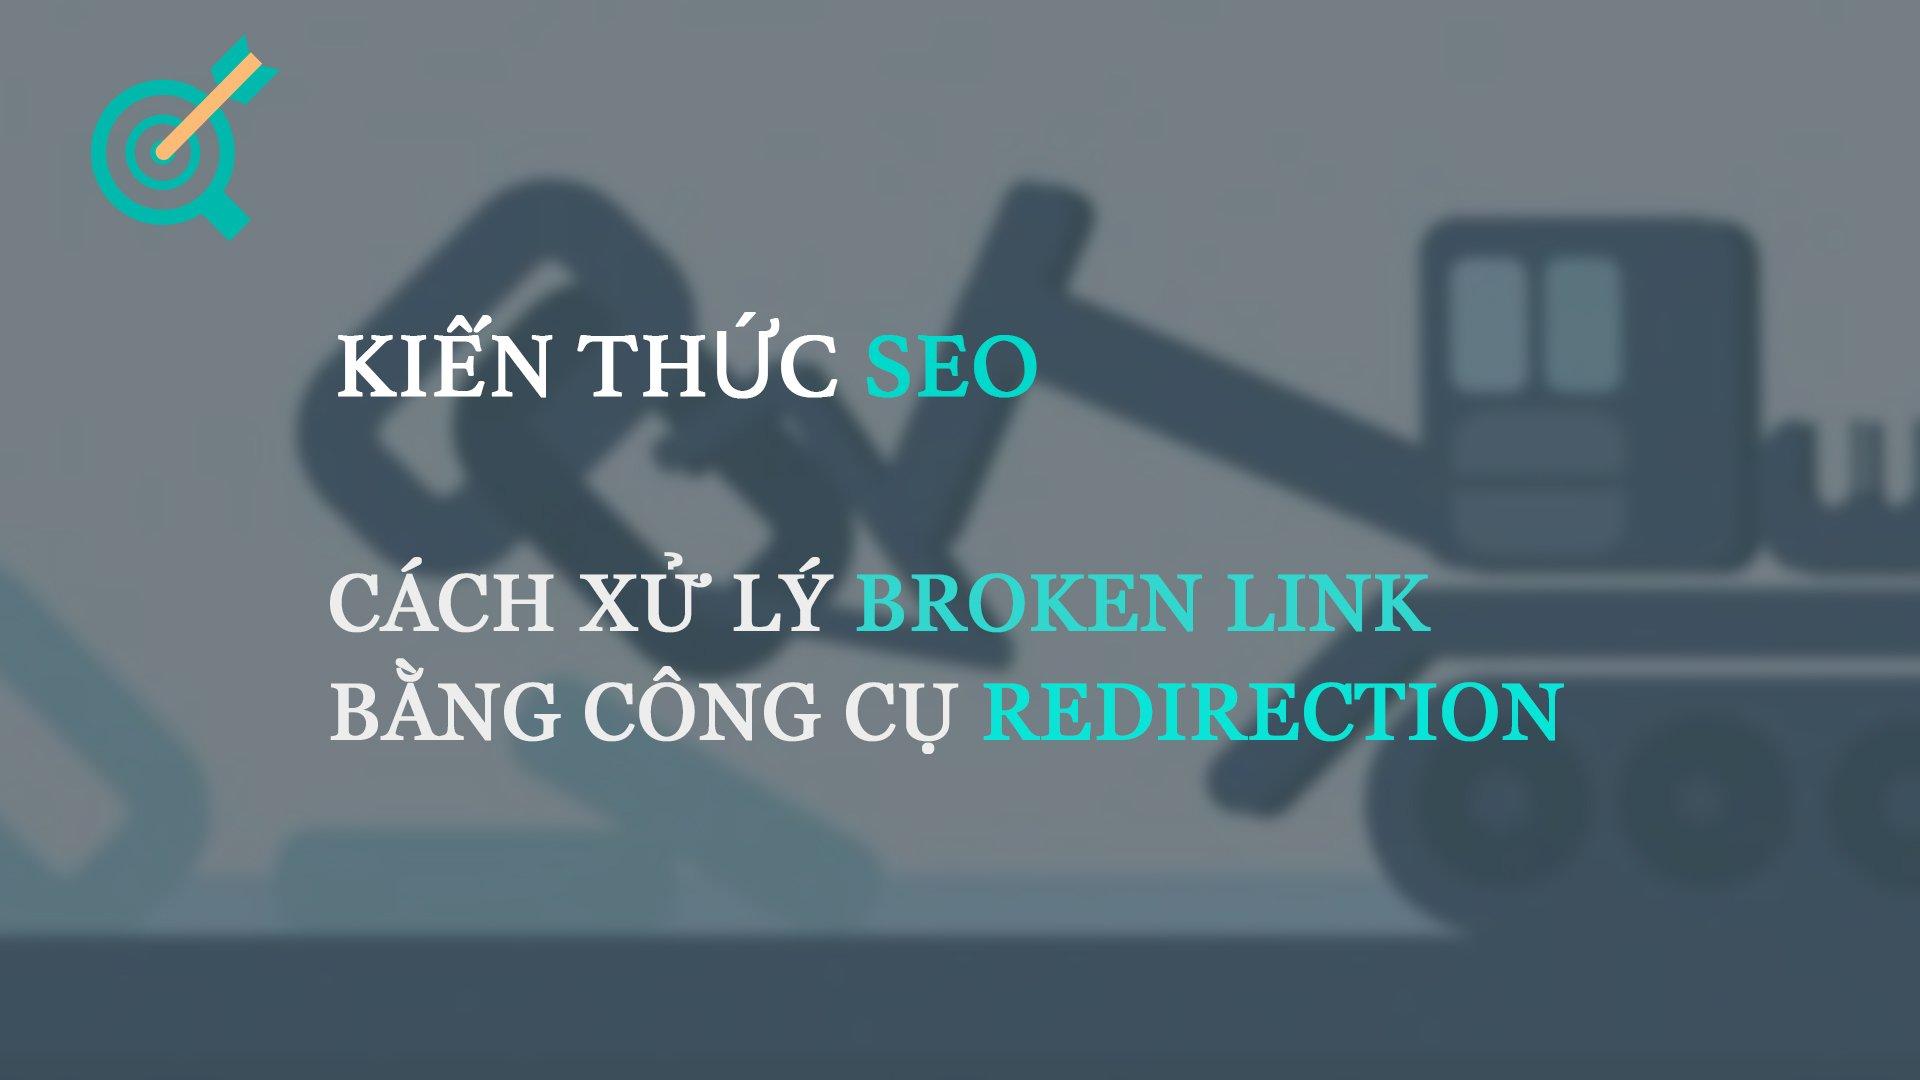 Cách xử lý Broken Link bằng công cụ Redirection